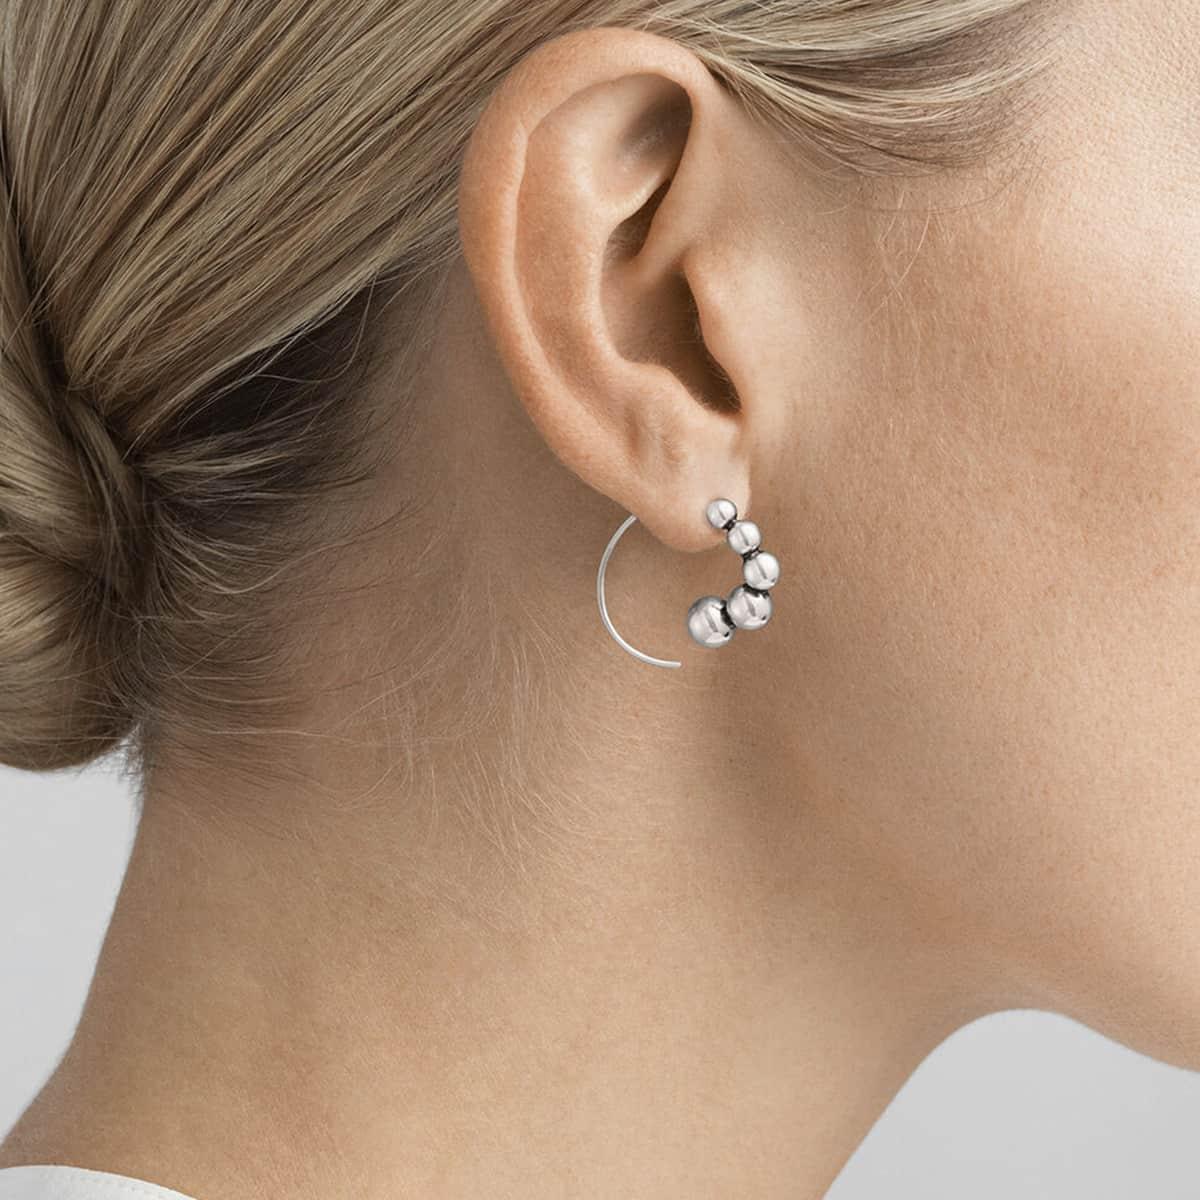 Moonlight Grapes Sterling Silver Hoop Earrings